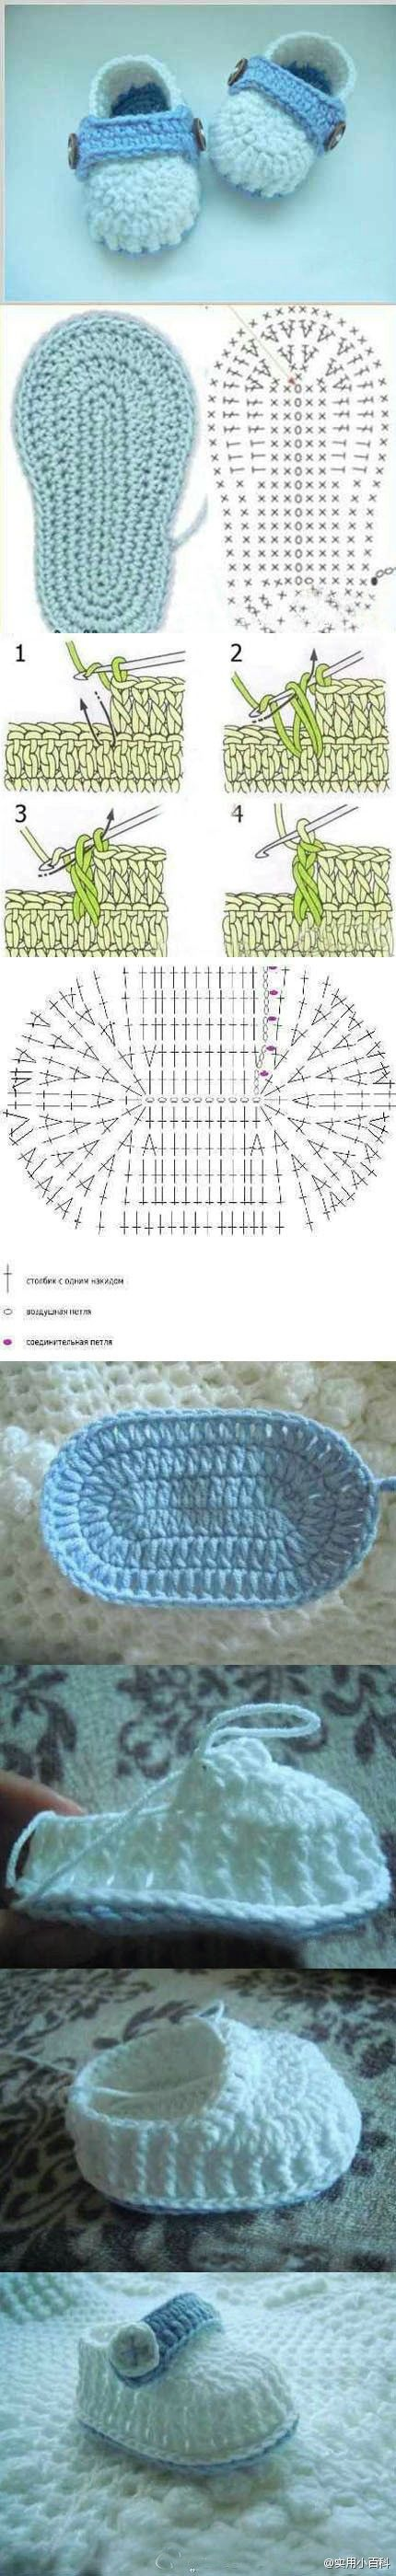 Crochet shoe pattern | Haken | Pinterest | Tejido, Bebe y Zapatos